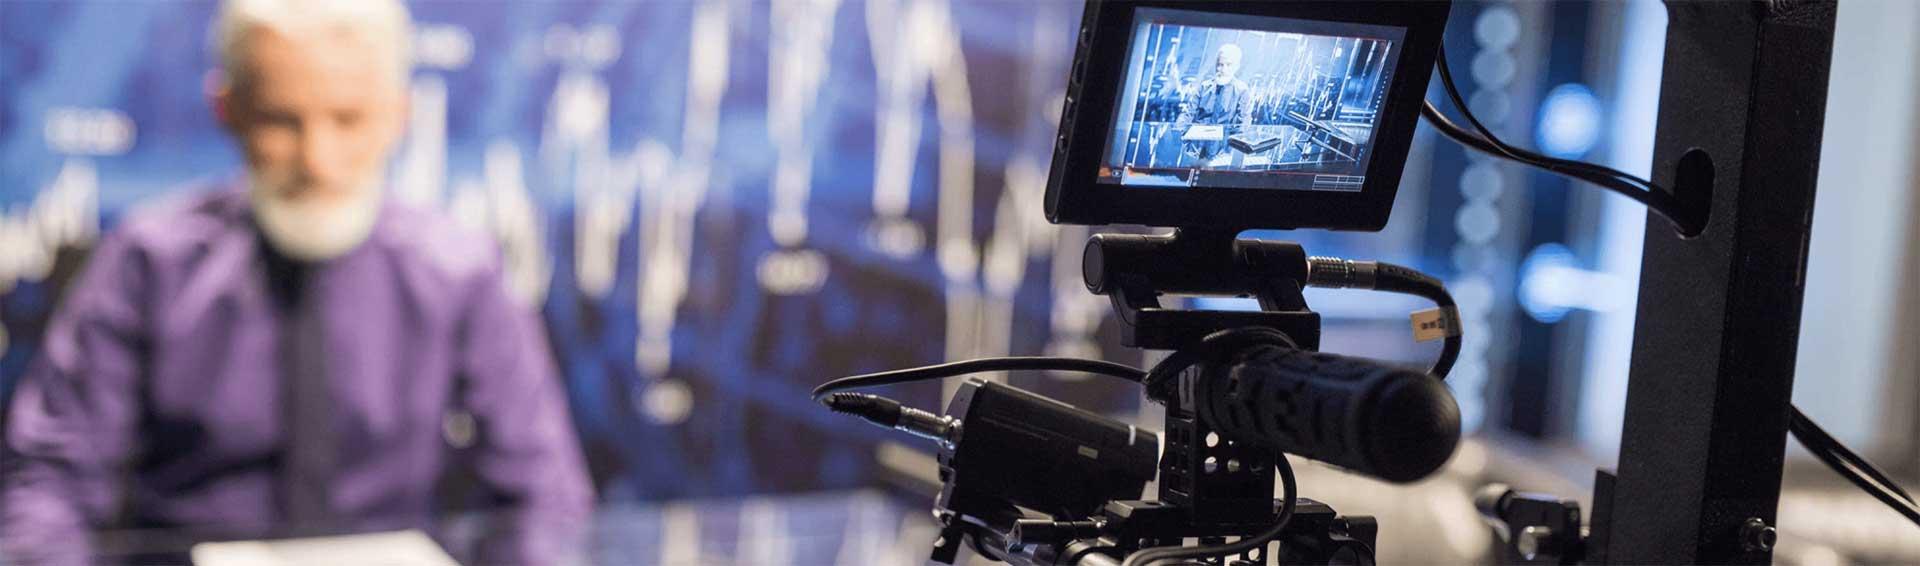 Broadcasting TV Studio mimoLive